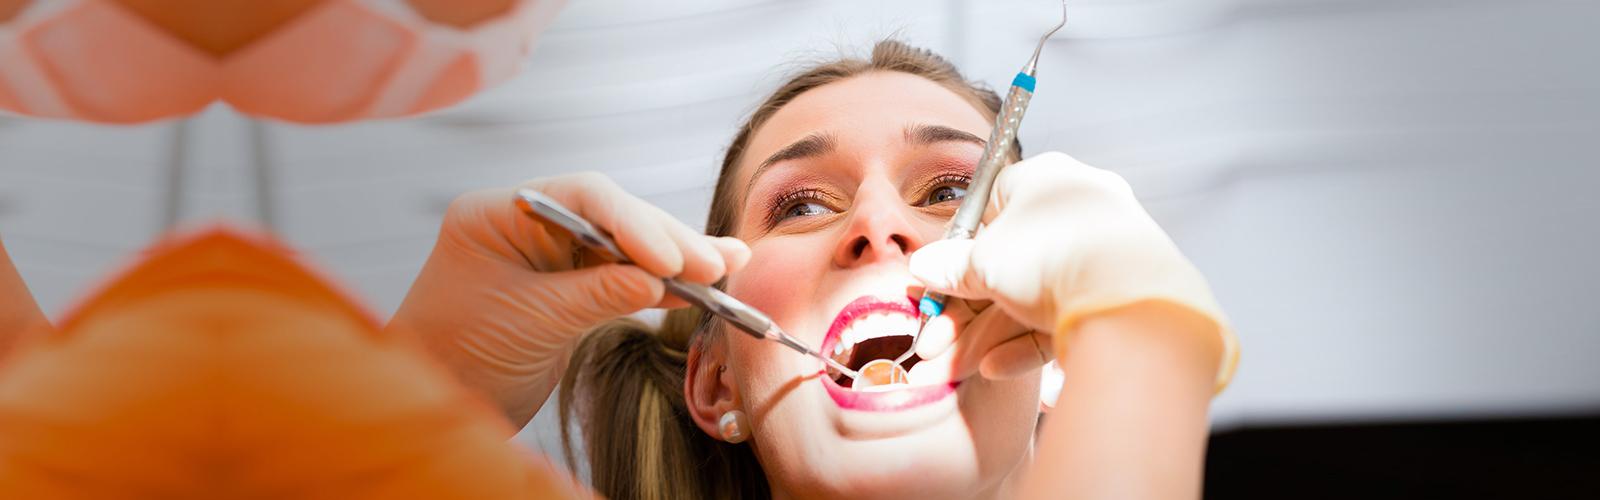 costo-del-tratamiento-de-limpieza-de-dientes-profundos-en-gurgaon-india